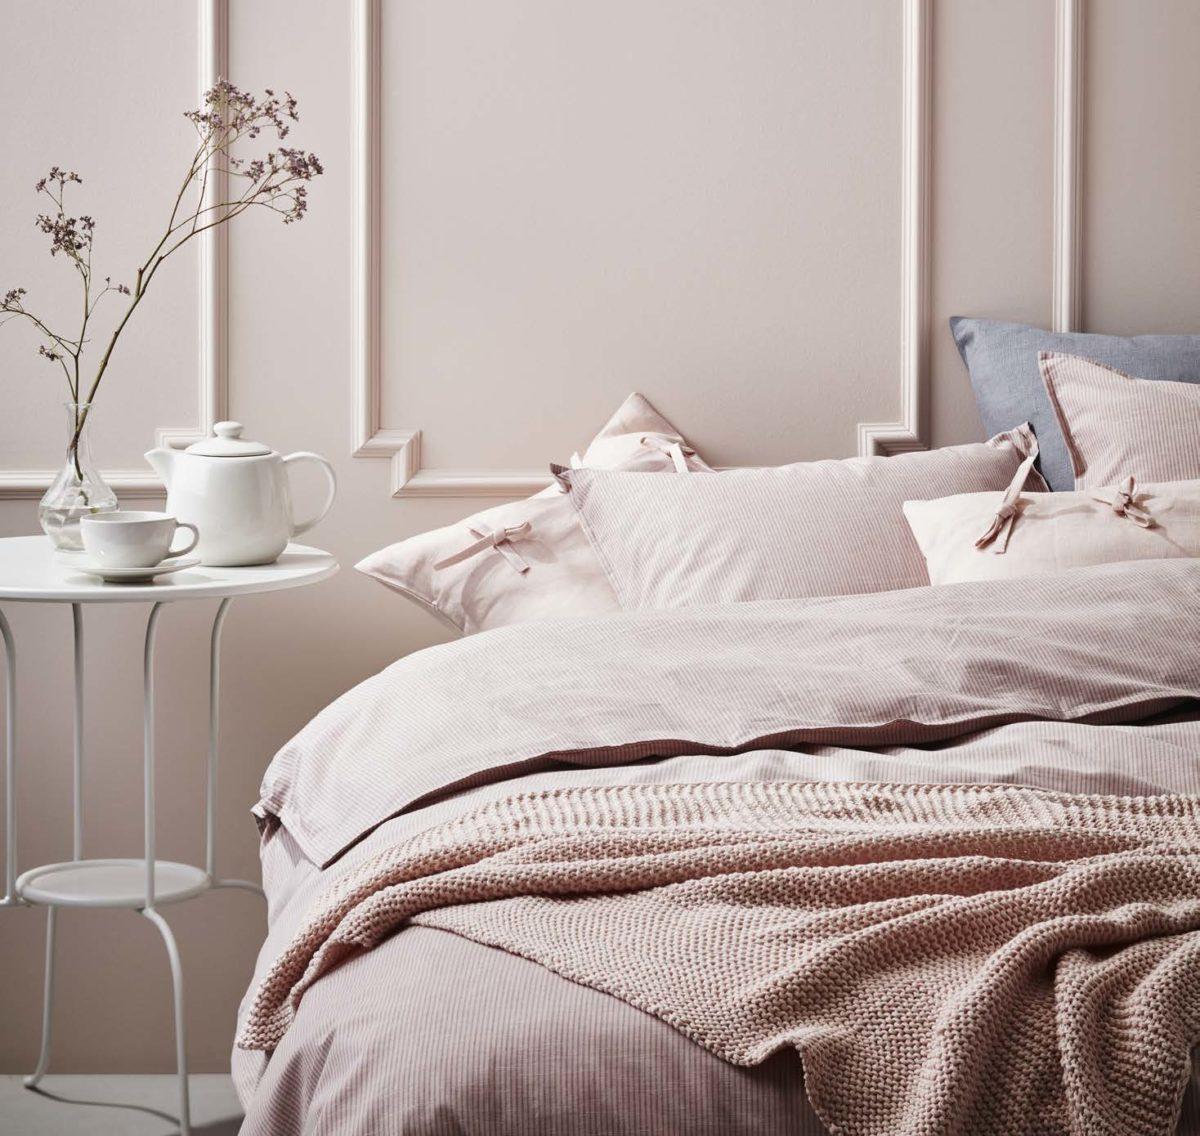 Letti matrimoniali letto matrimoniale rete a doghe 160x200 con cassetti 2 piazze camera da letto letto matrimoniale completo di rete a doghe misura materasso. Fabulous Ikea 2020 Bedroom Ideas